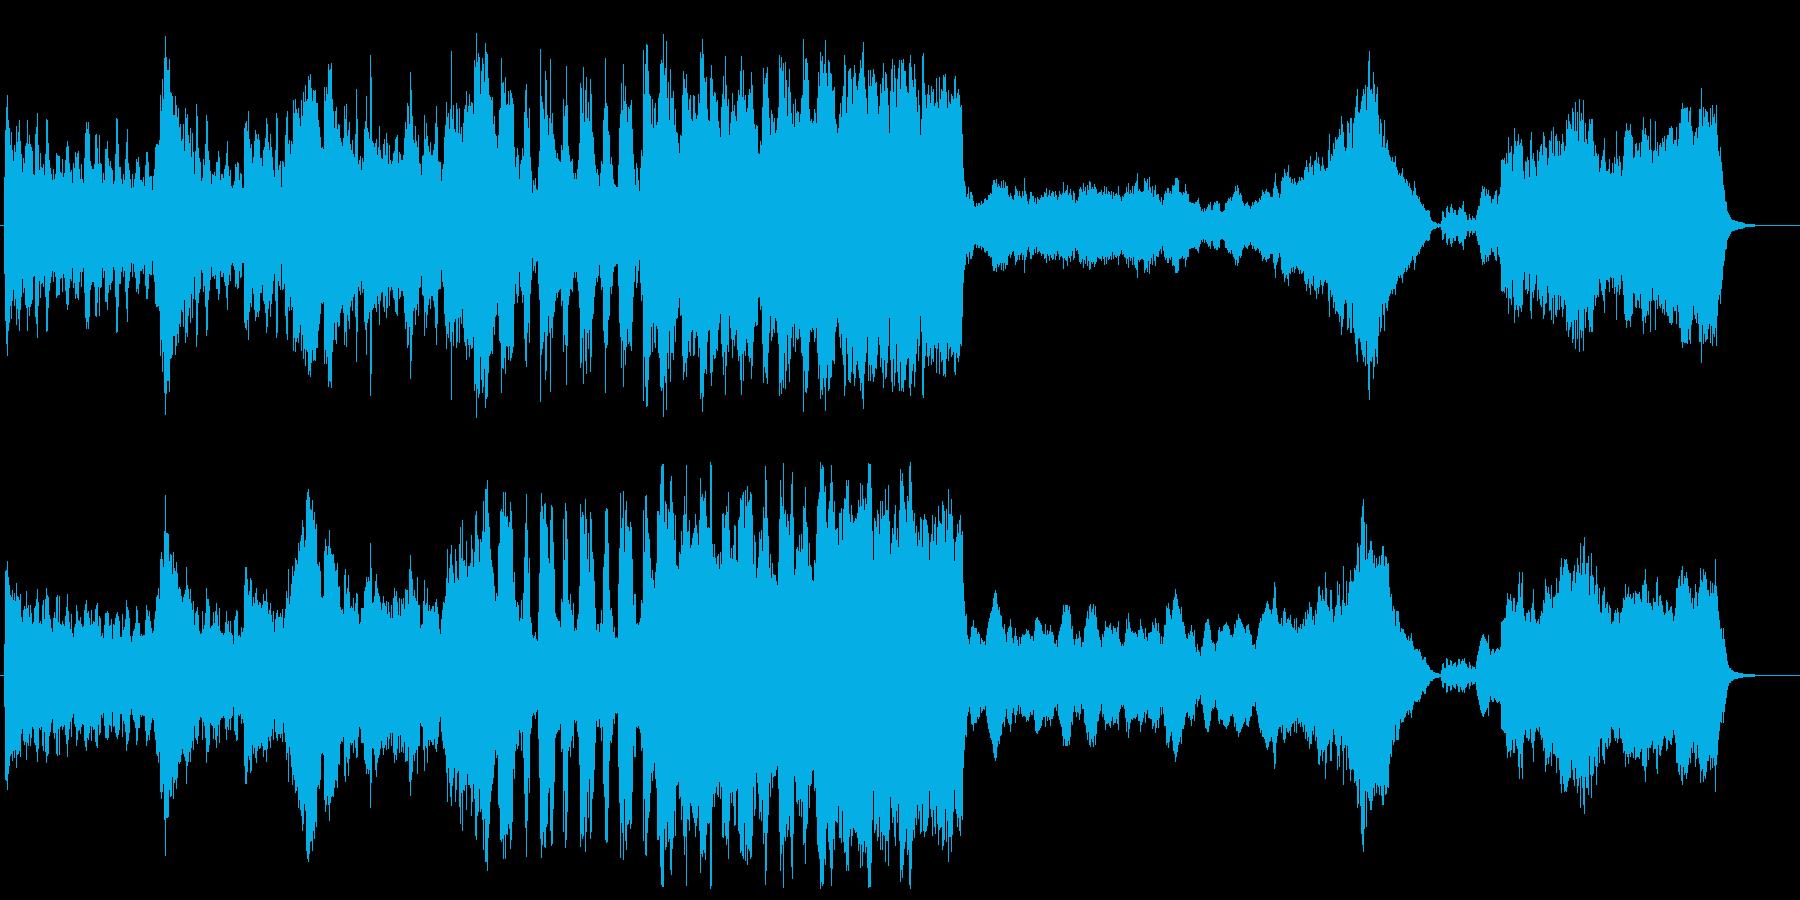 スケール大きめで重い雰囲気の劇版用BG…の再生済みの波形